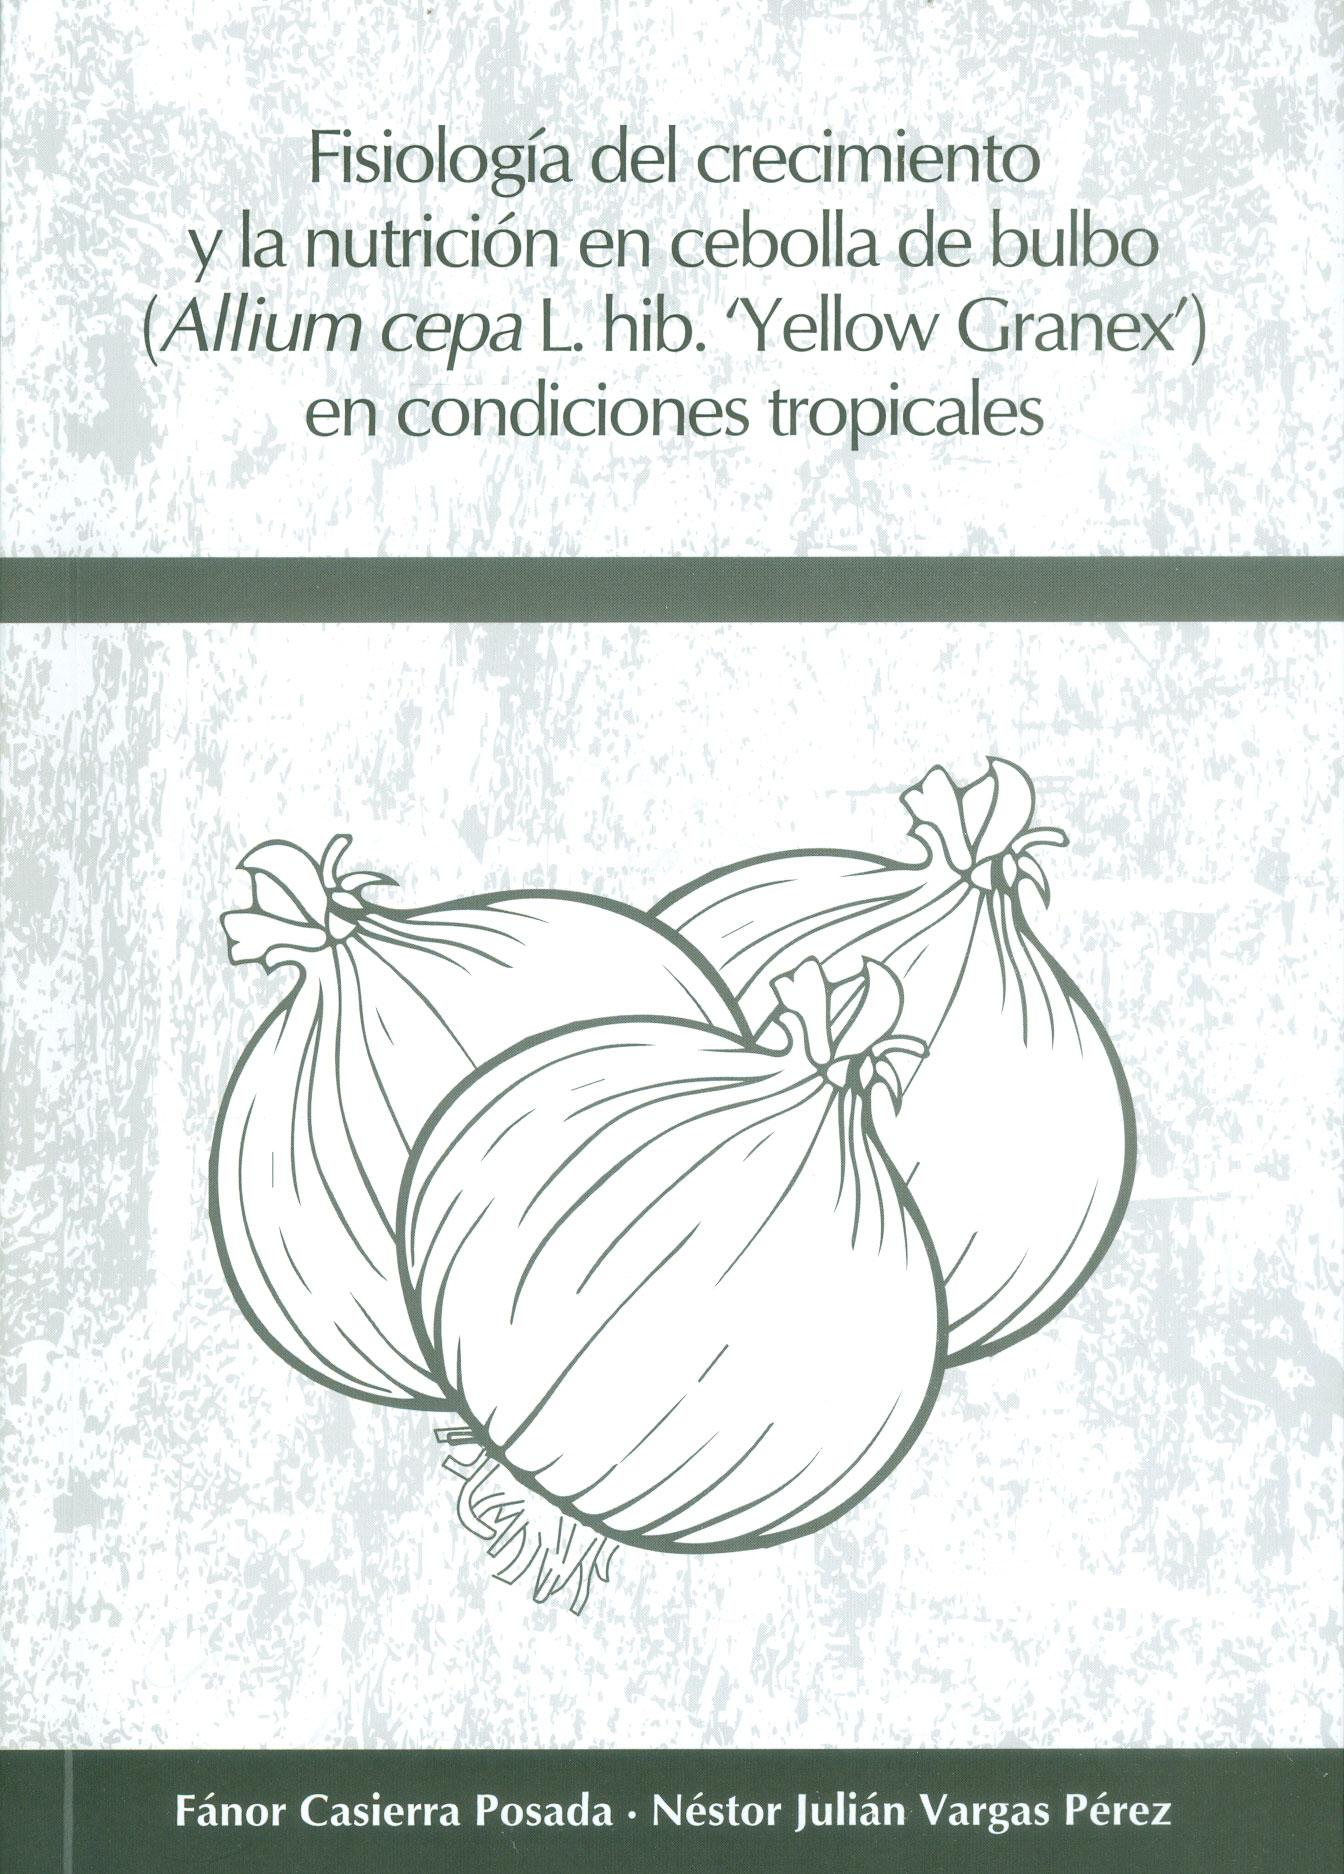 Fisiología del crecimiento y la nutrición en cebolla de bulbo (allium cepa L.hib. Yellow Granex), en condiciones tropicales